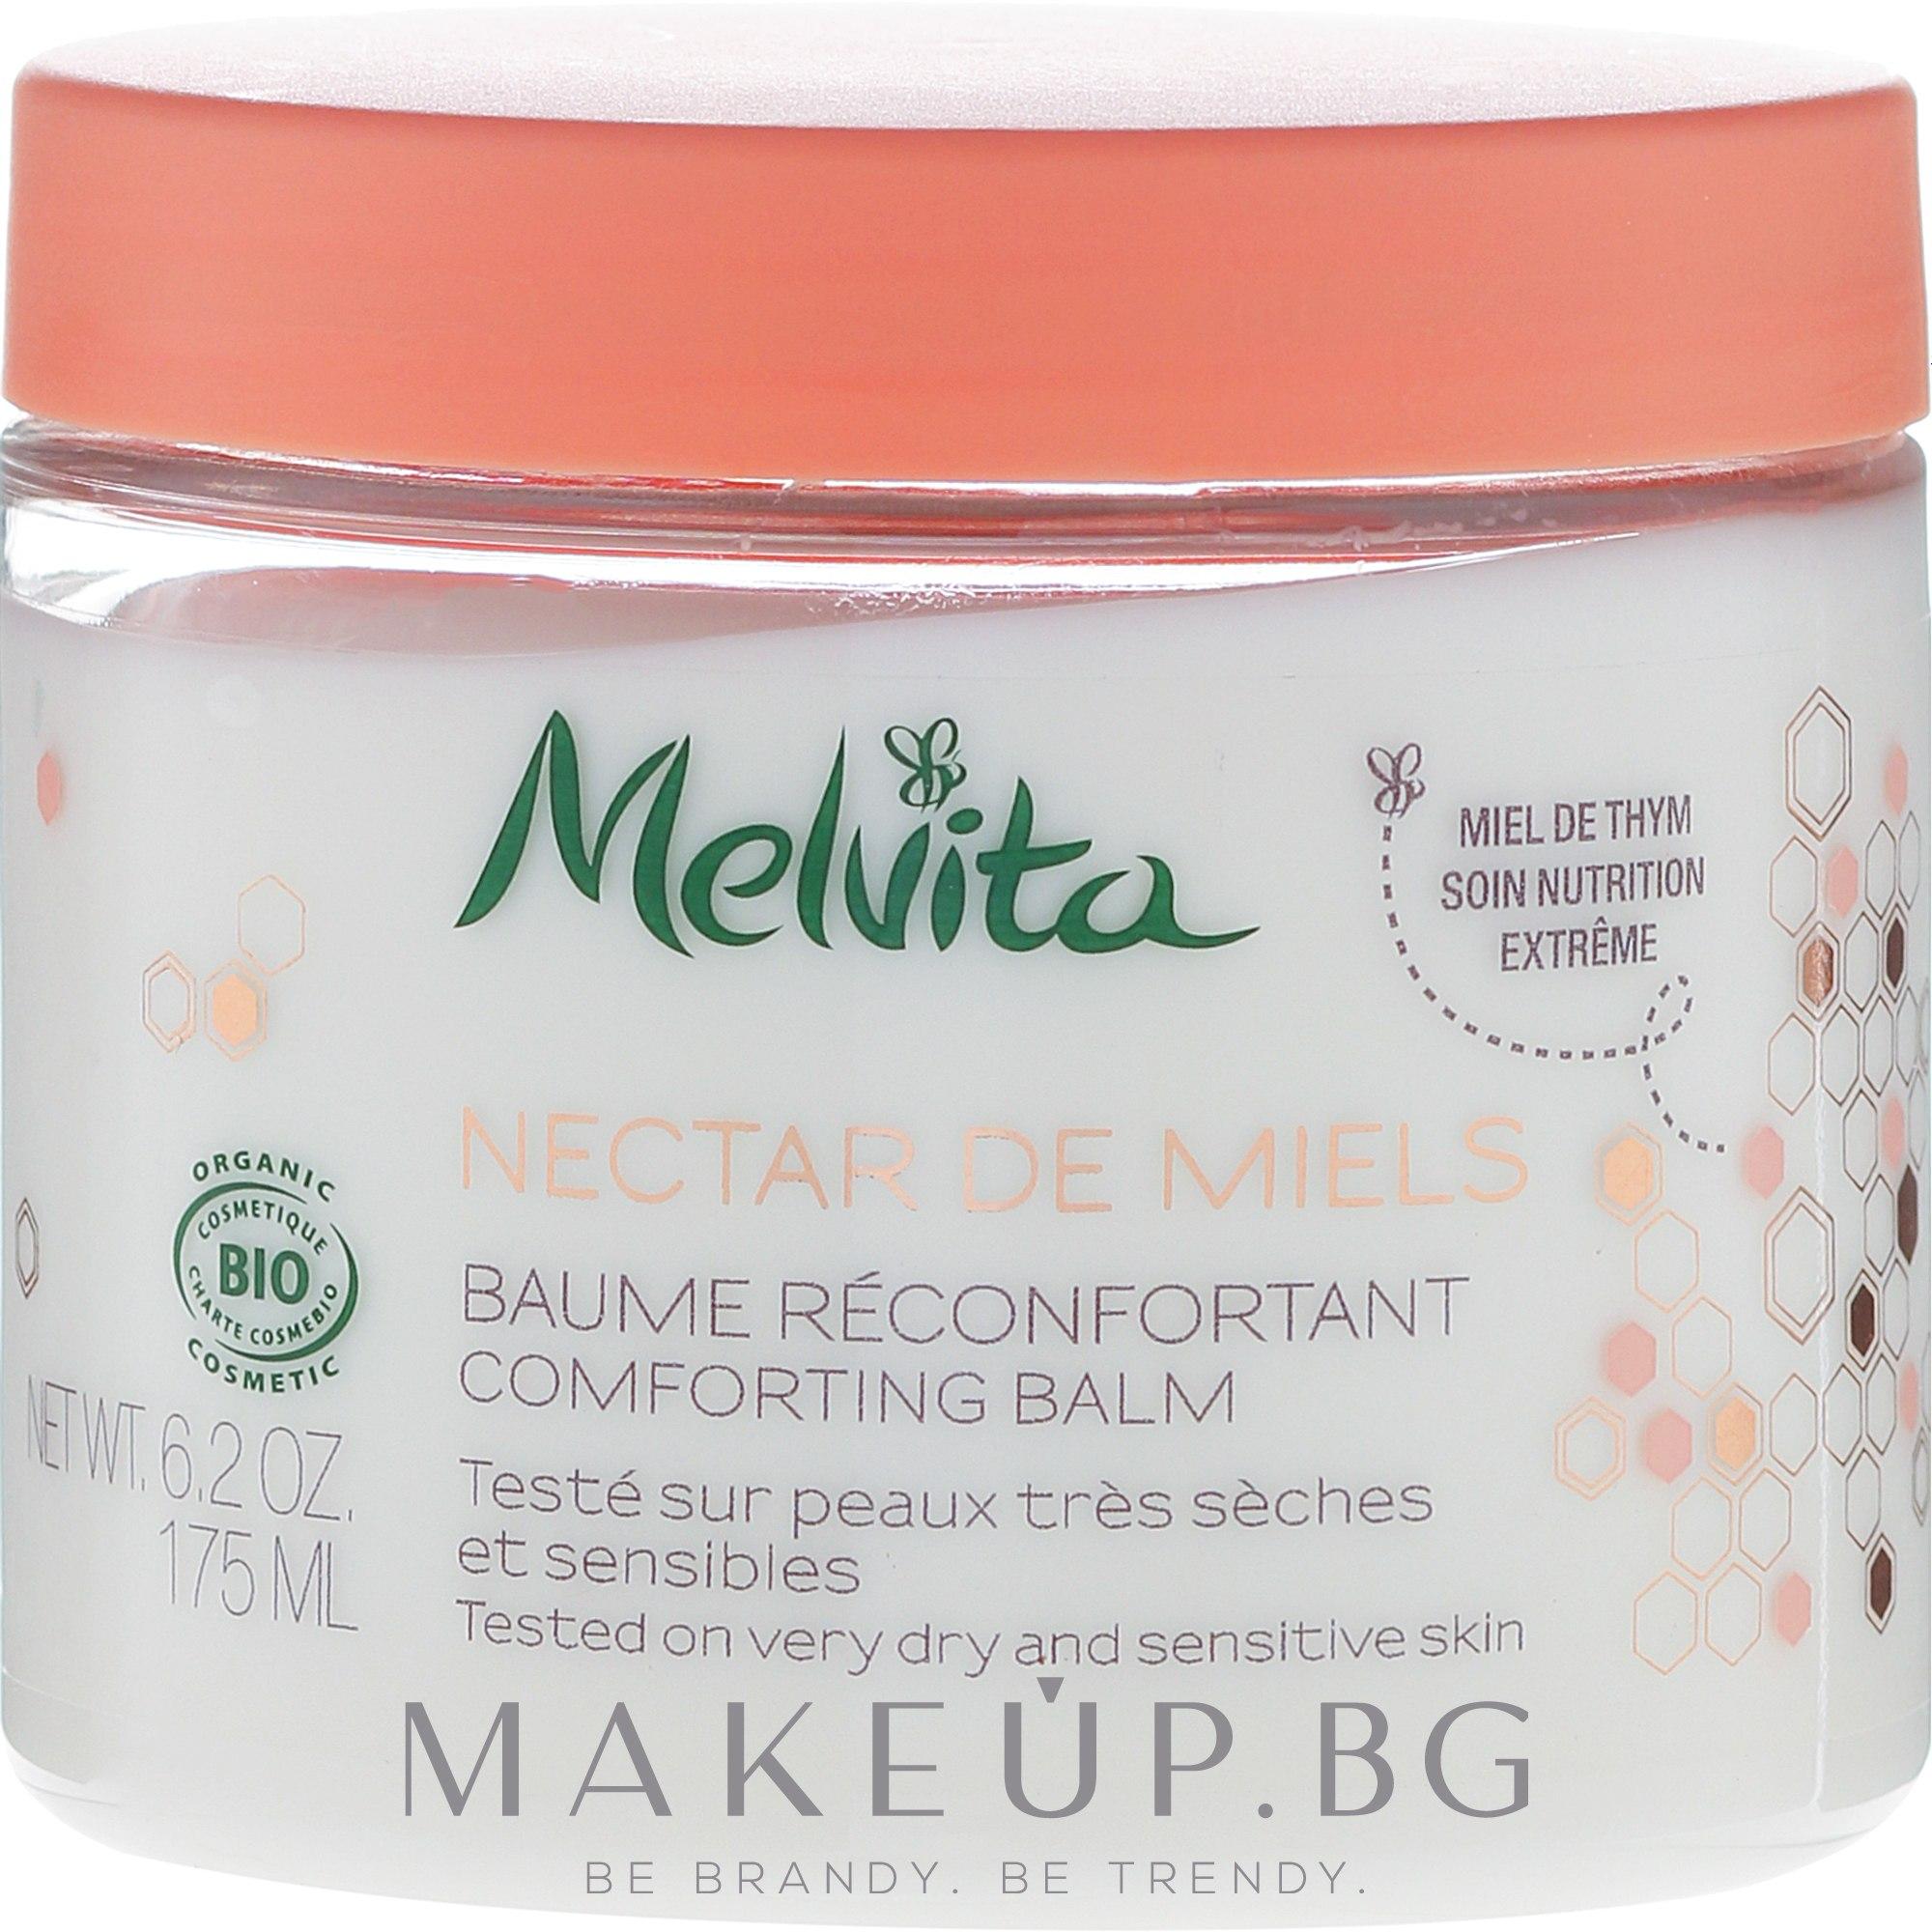 Възстановяващ балсам за тяло - Melvita Nectar de Miels Comforting Balm — снимка 175 ml